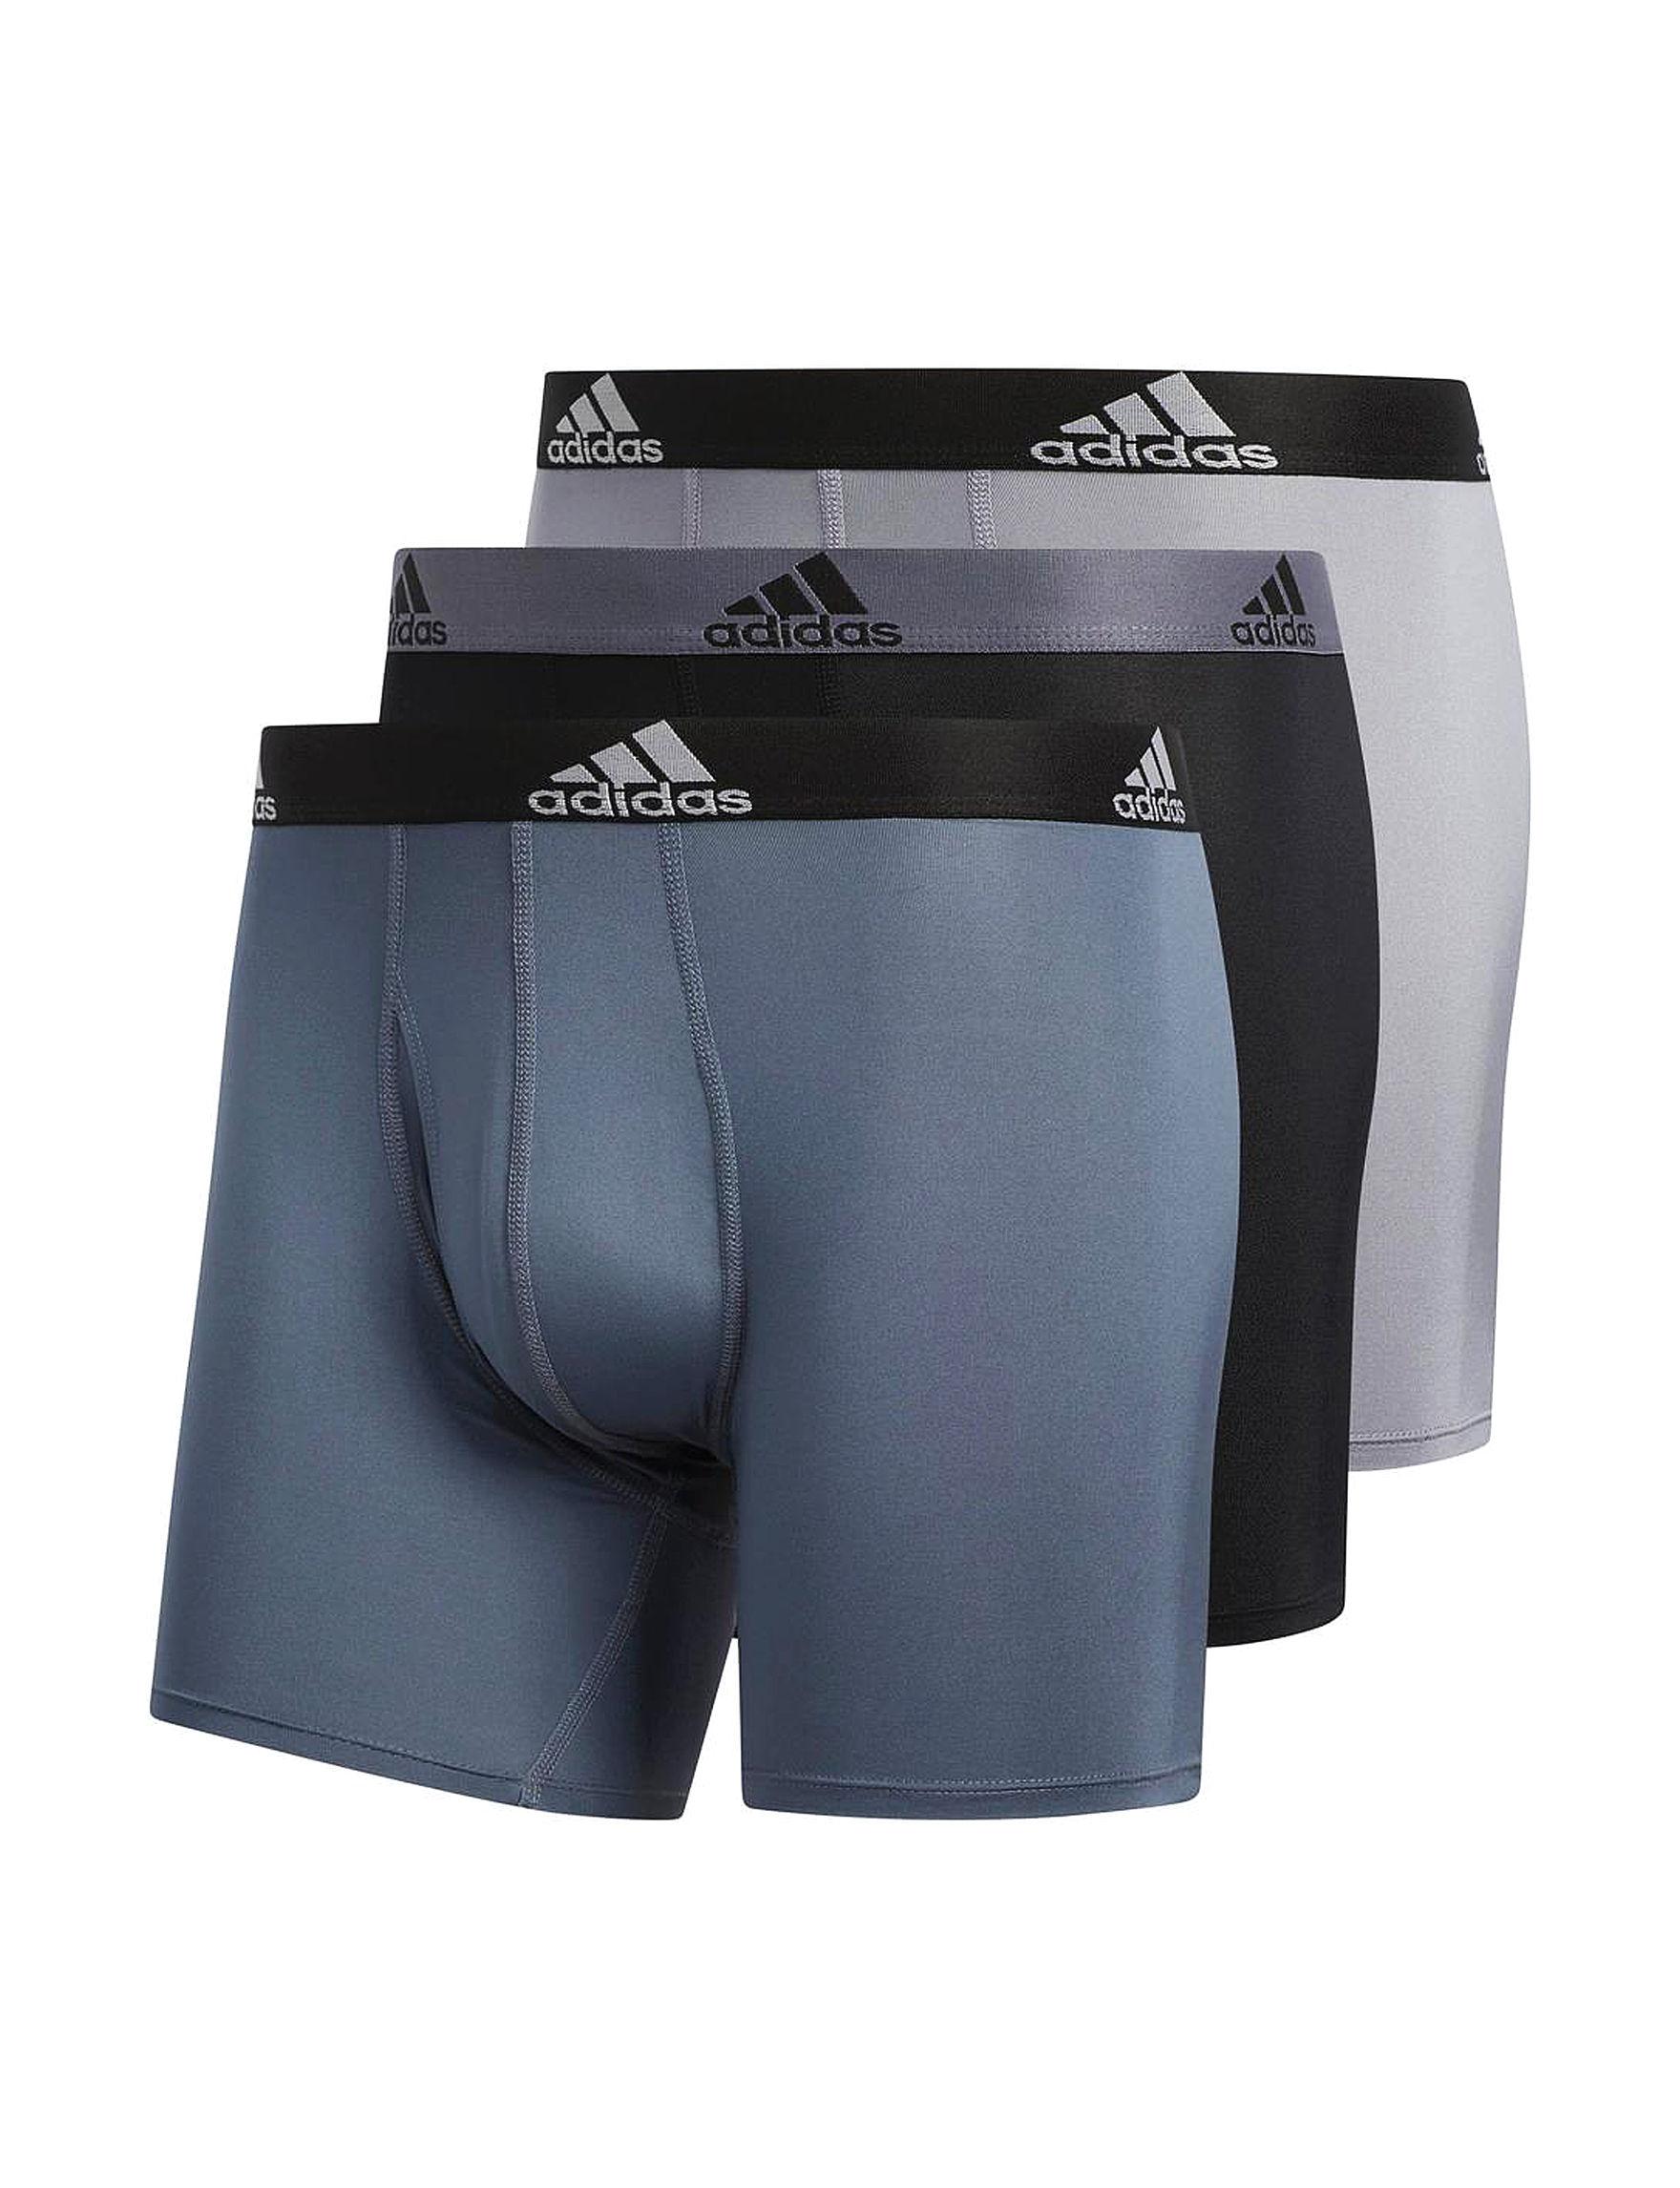 Adidas Grey Boxer Briefs